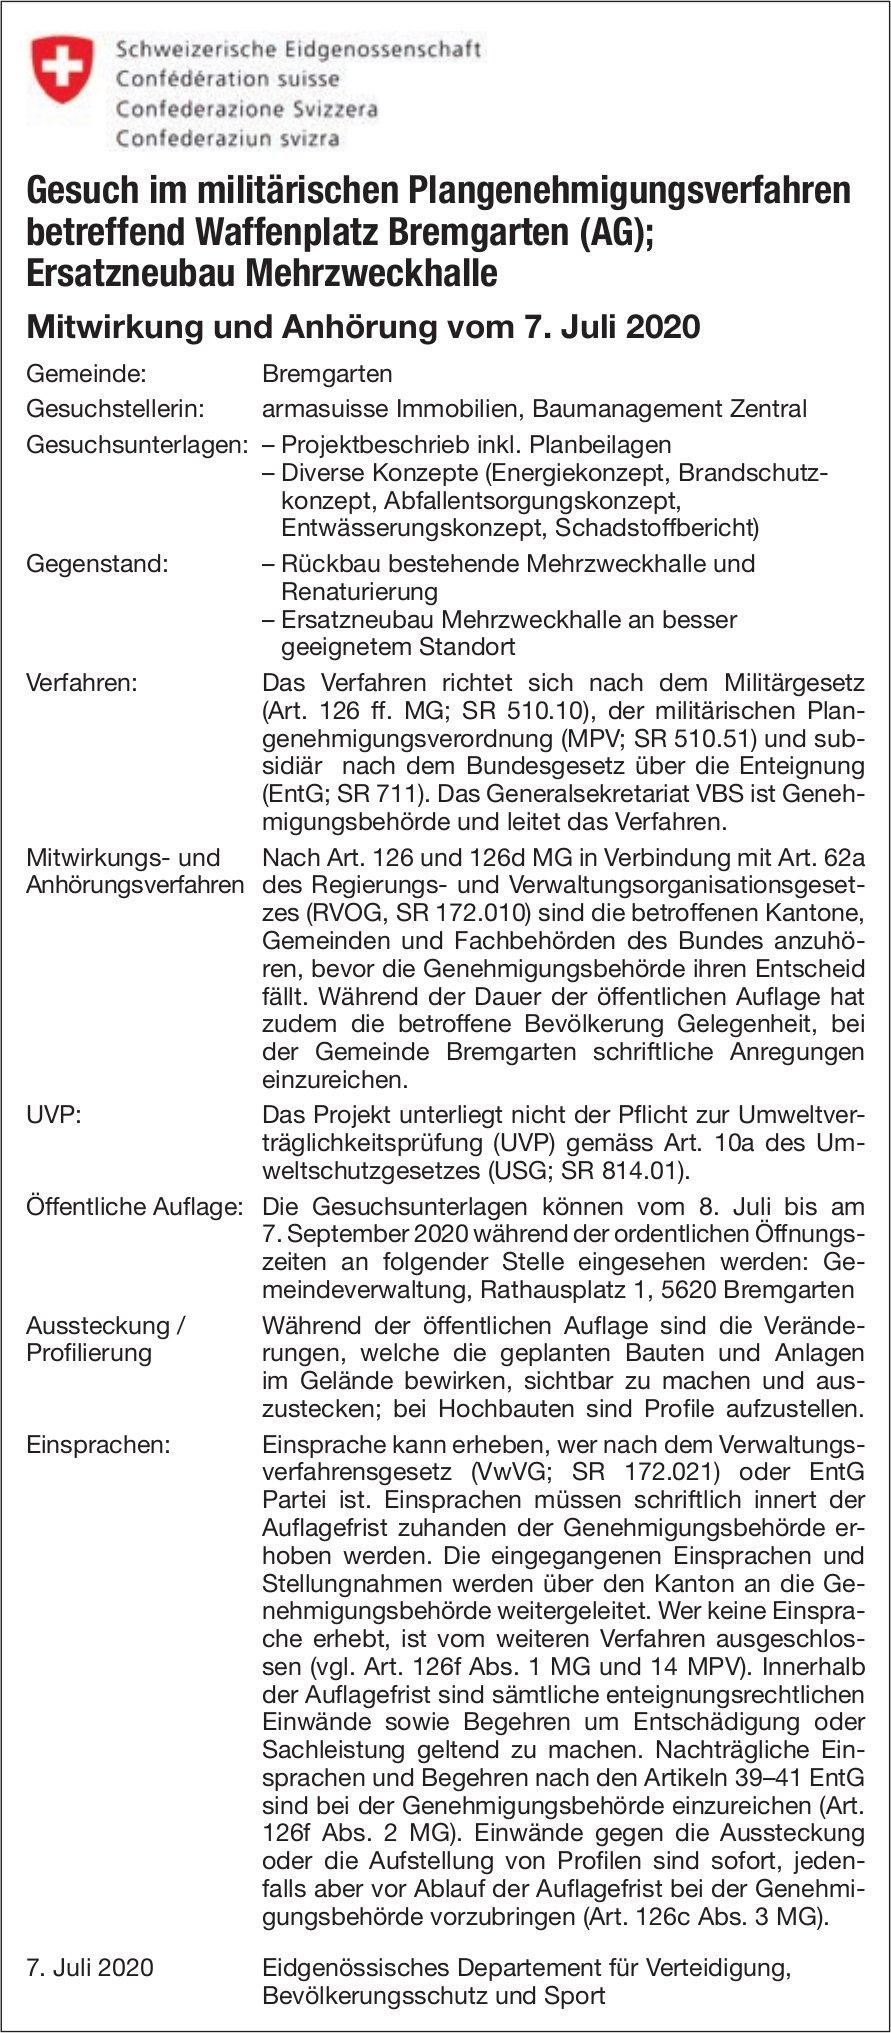 Gesuch im militärischen Plangenehmigungsverfahren betreffend Waffenplatz Bremgarten